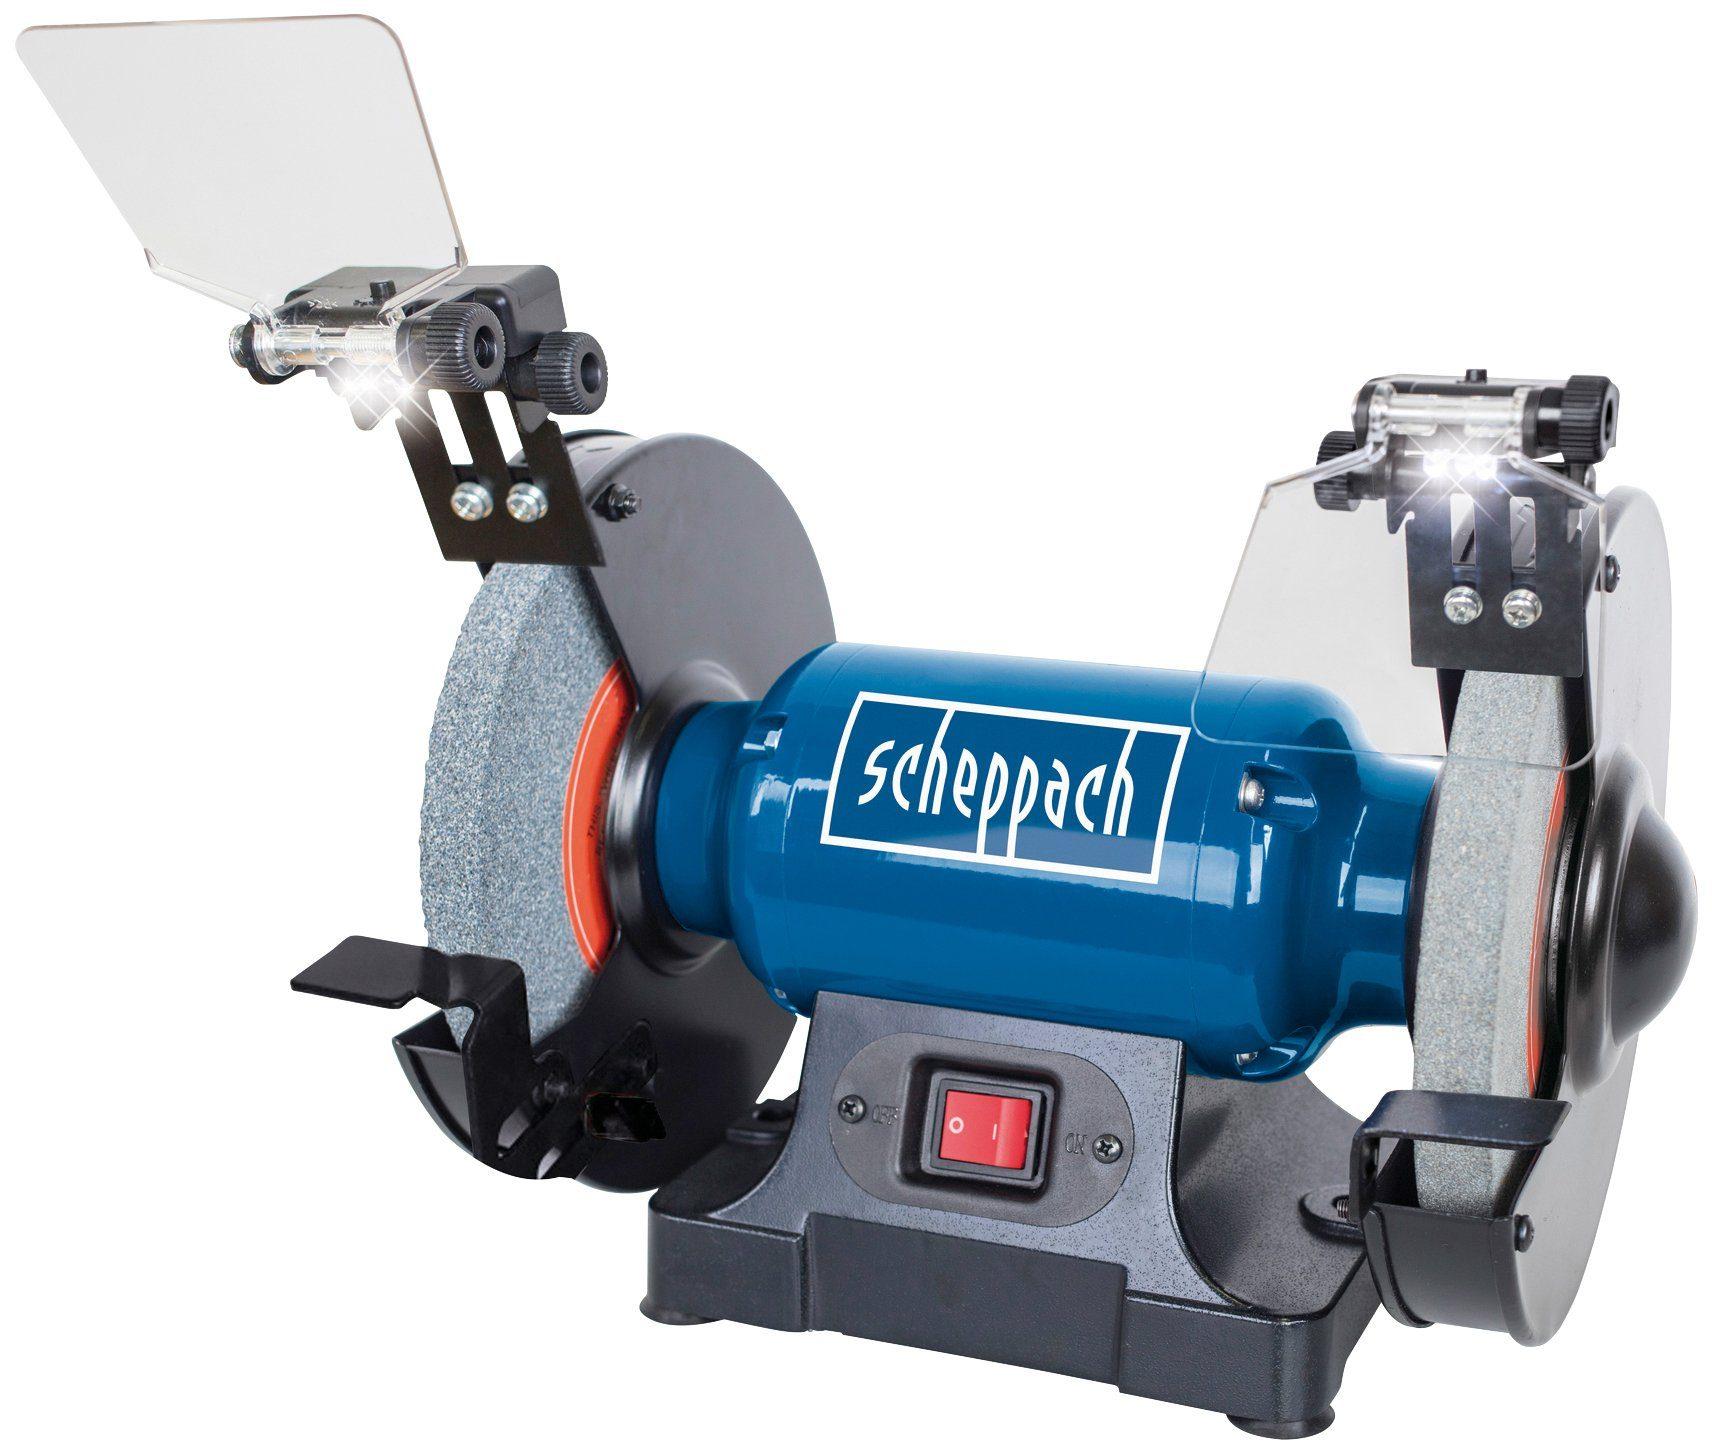 SCHEPPACH Doppelschleifer »SM200L«, mit LED, 230-240V 500W - 200mm